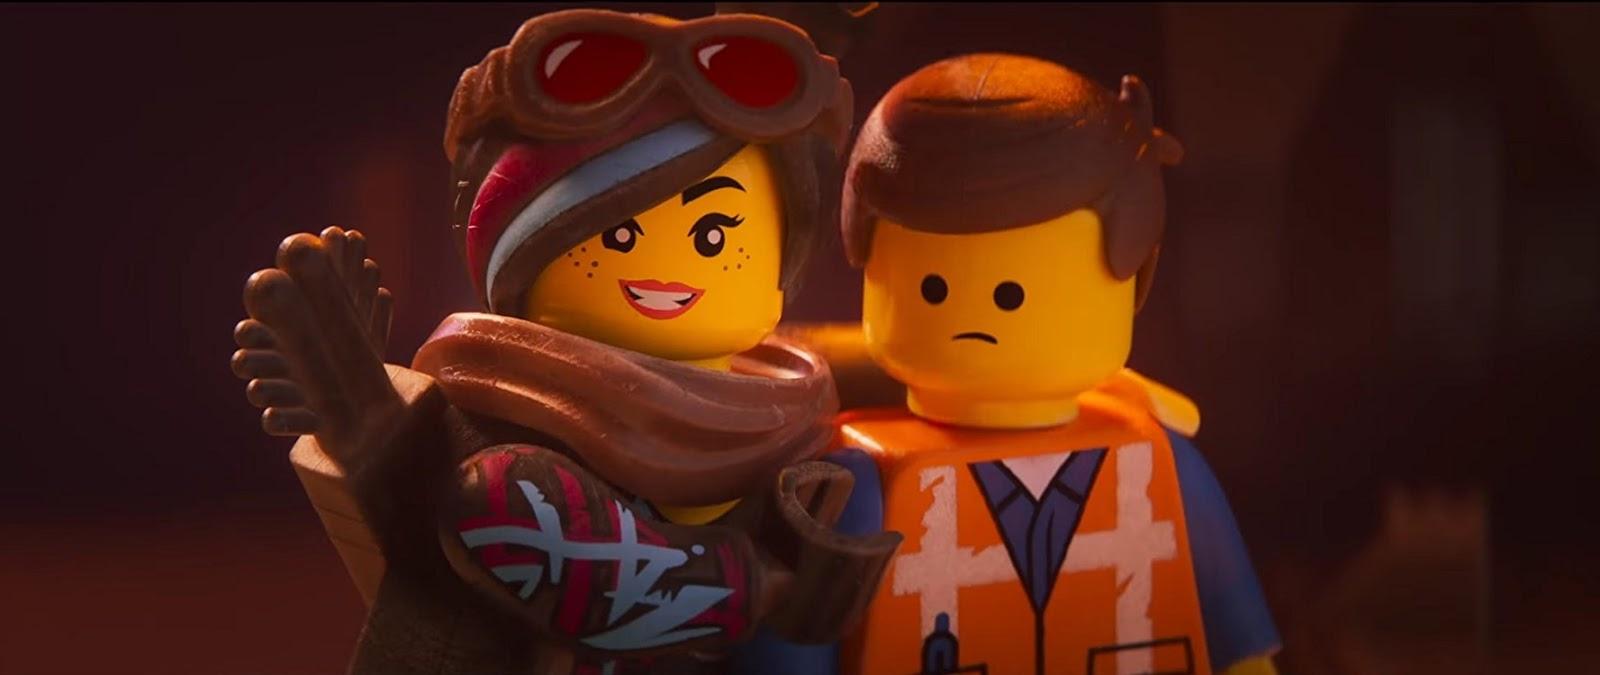 lego movie 2, lego przygoda 2, premiery kinowe